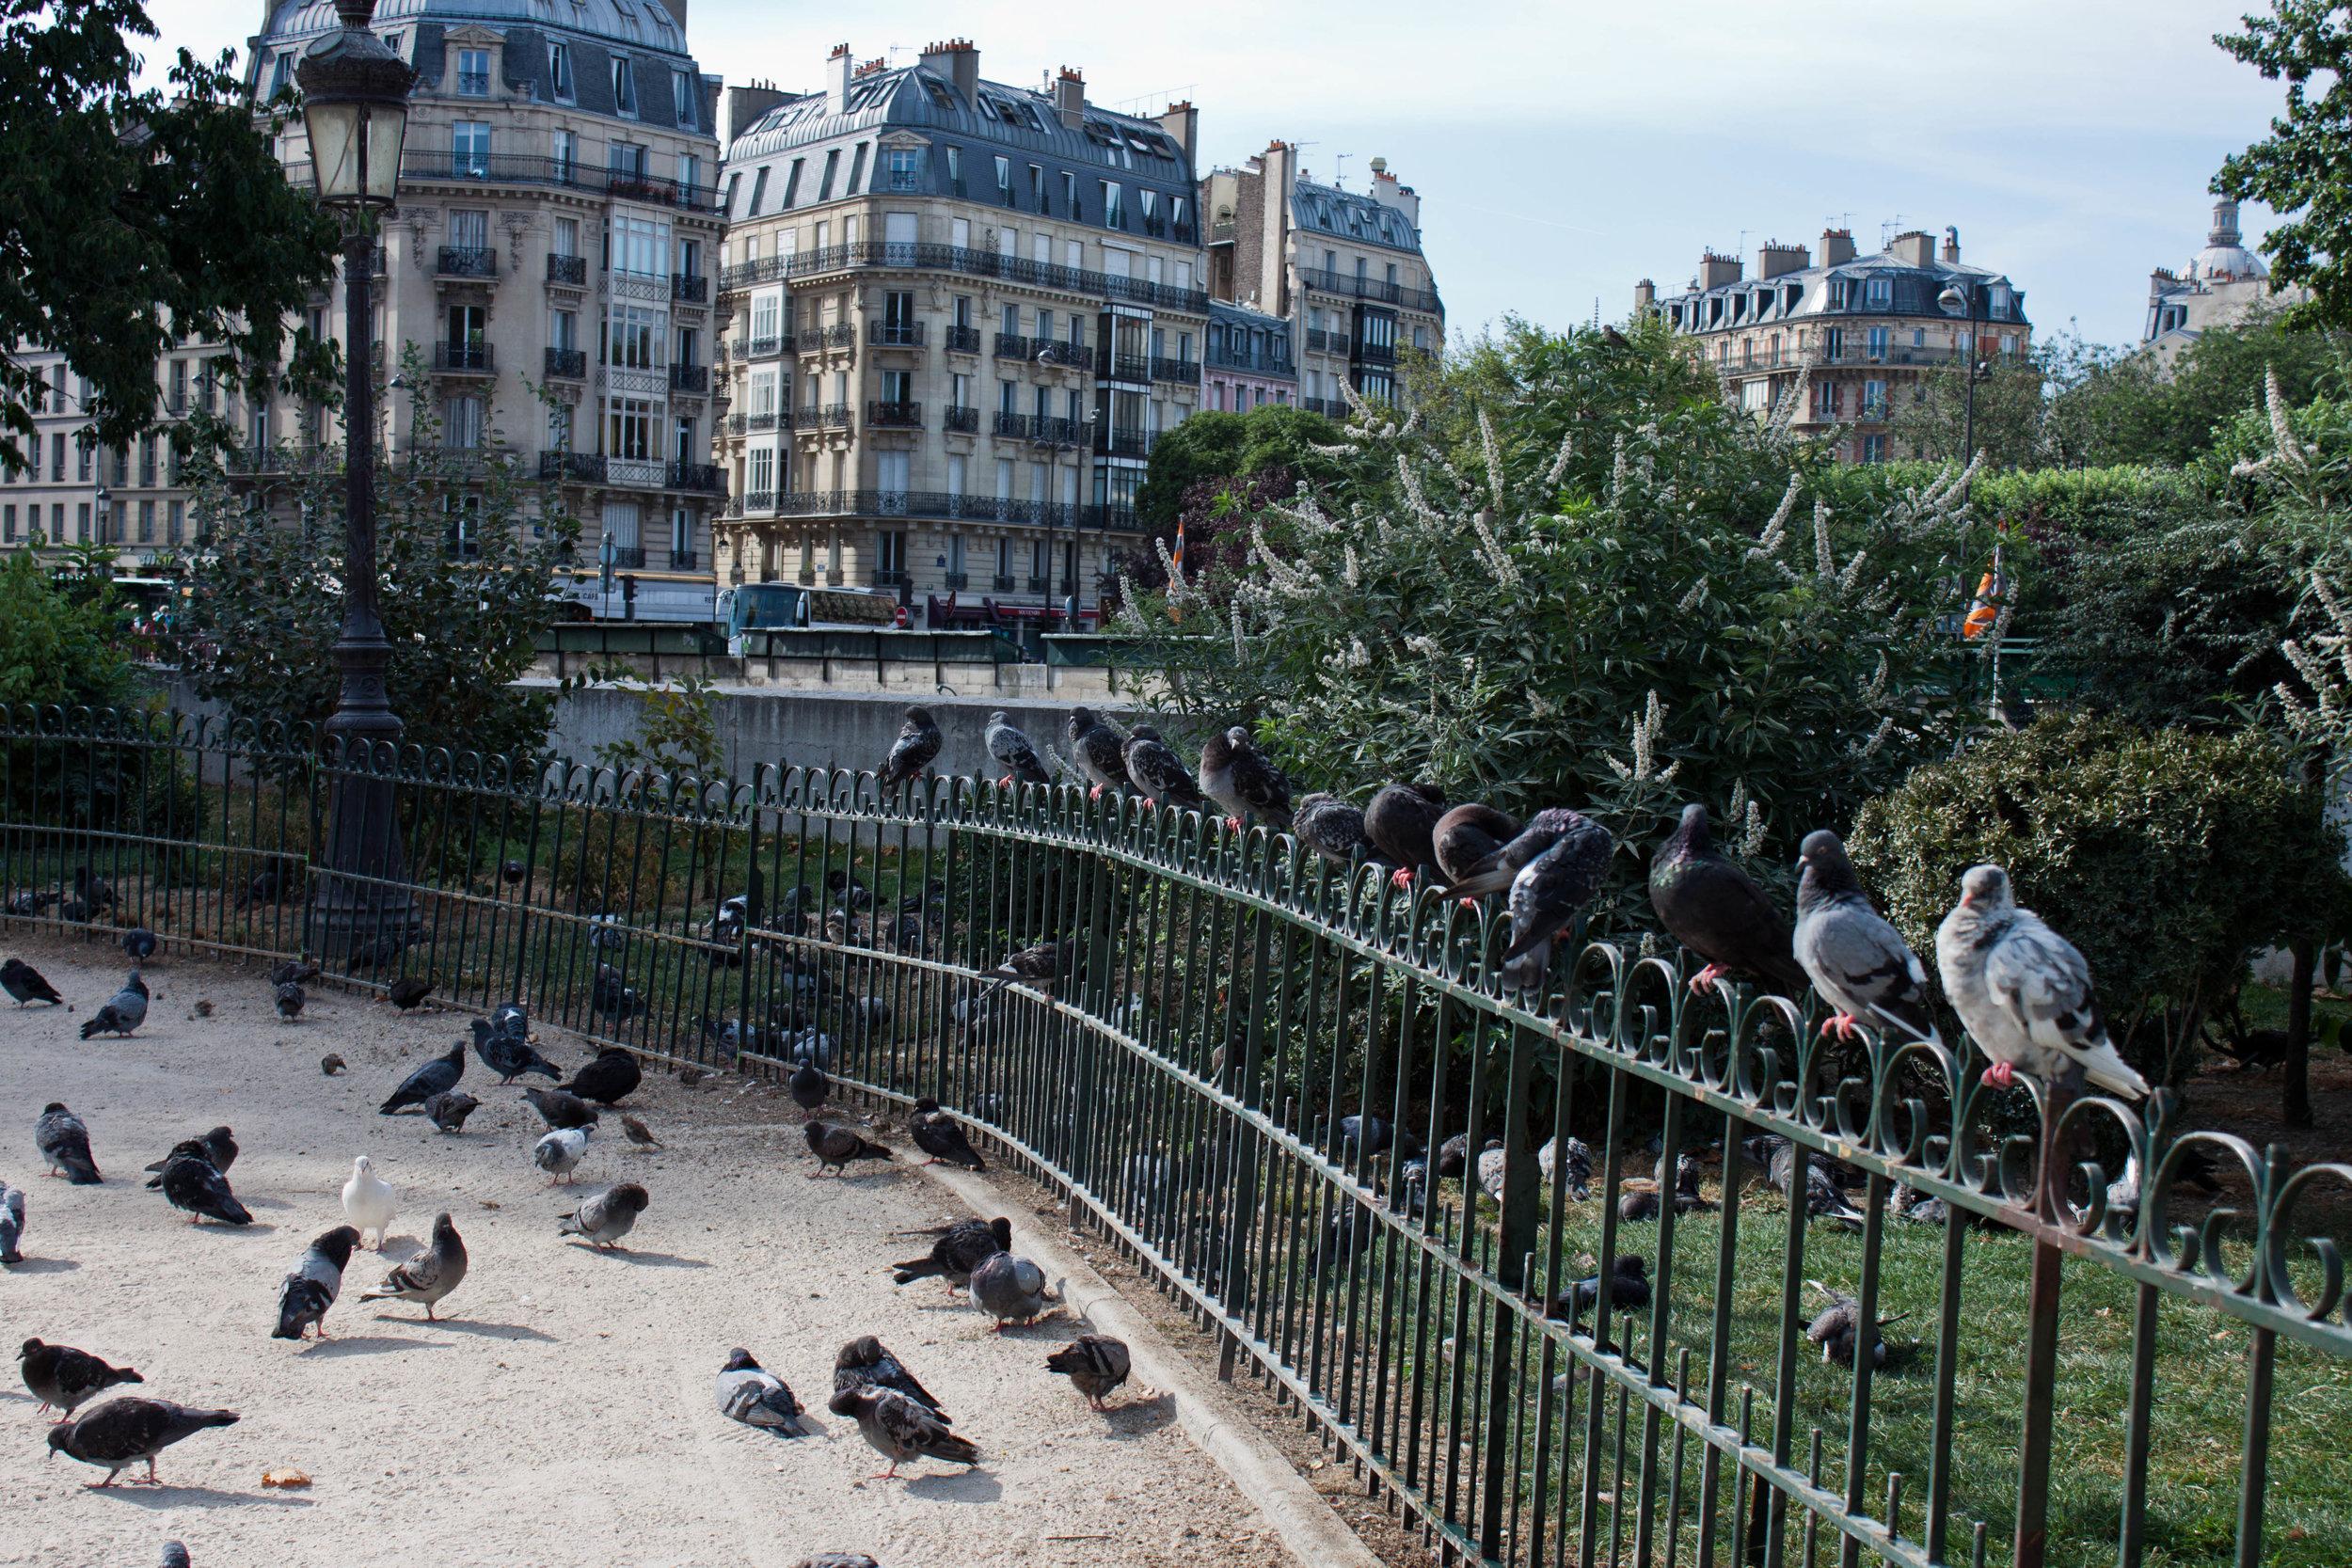 Pigeons flock near the Notre-Dame de Paris, August 2012.